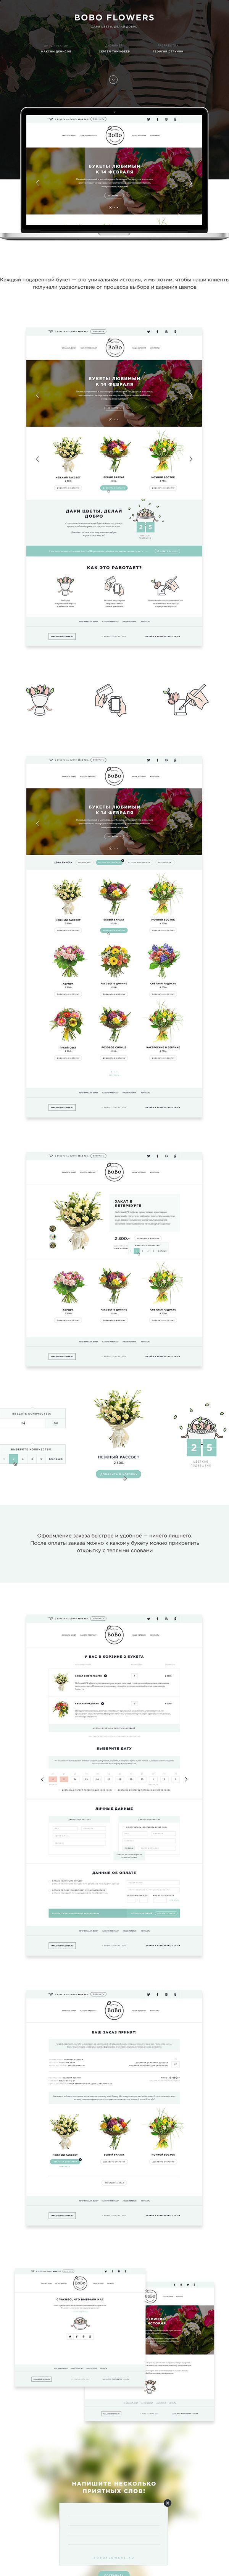 BOBO FLOWERS by Sergey Timofeev, via Behance